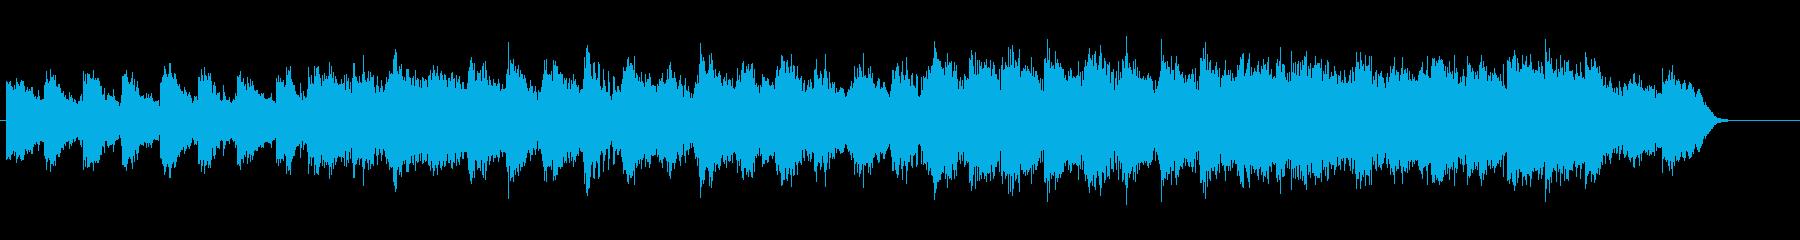 安らぎのアンビ系サウンドの再生済みの波形